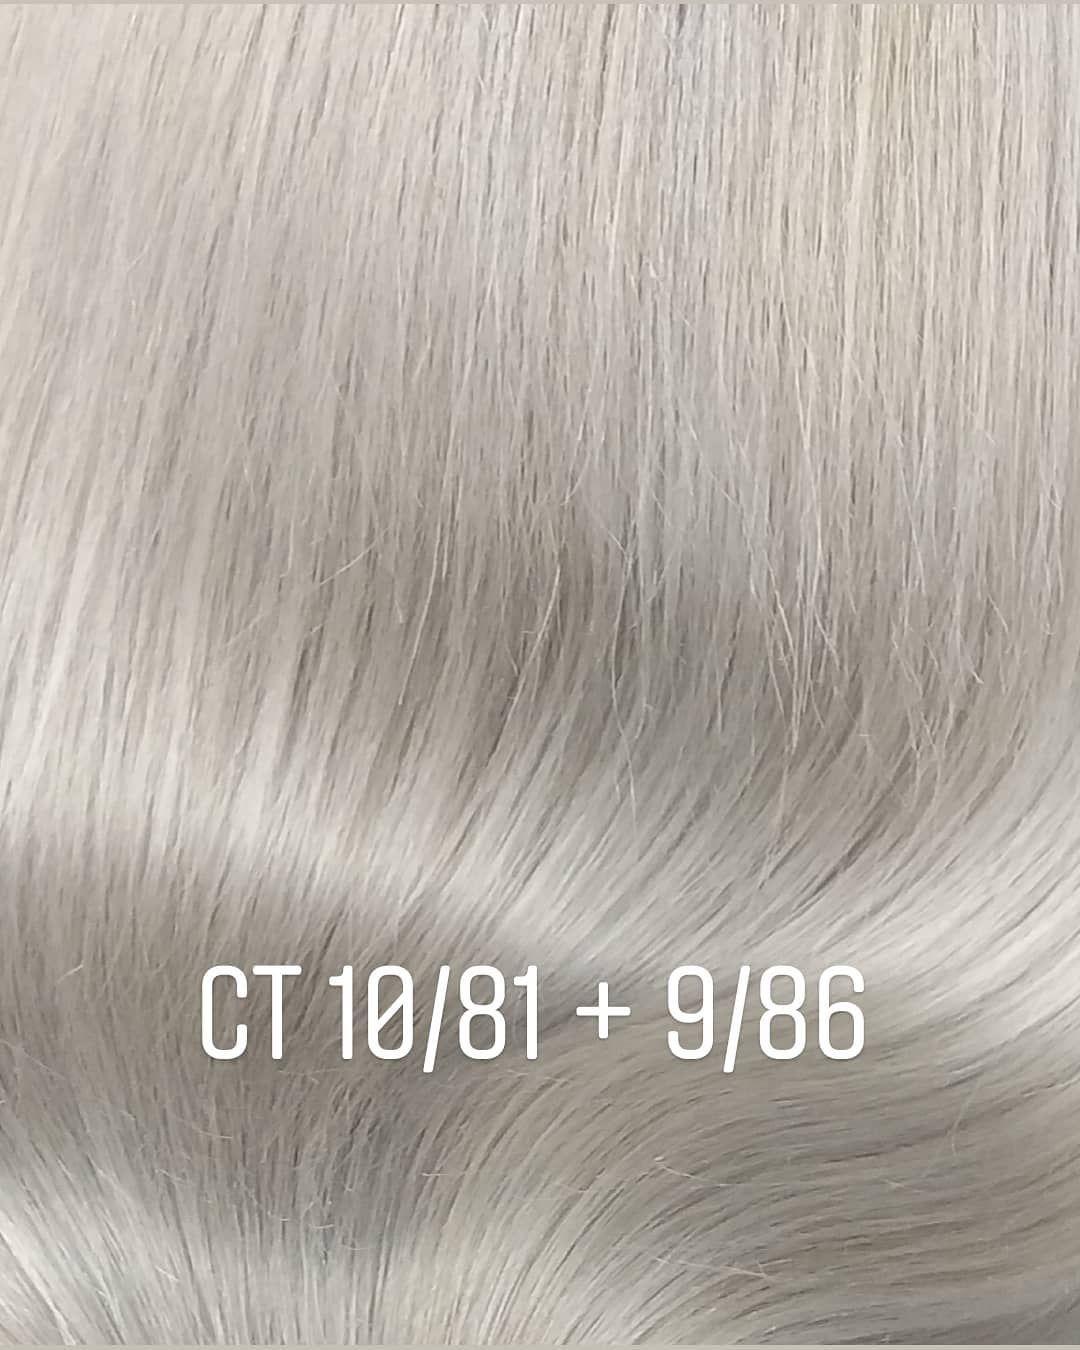 رنگ مو Von Mahboobeh In 2020 Wella Haarfarbe Haarfarben